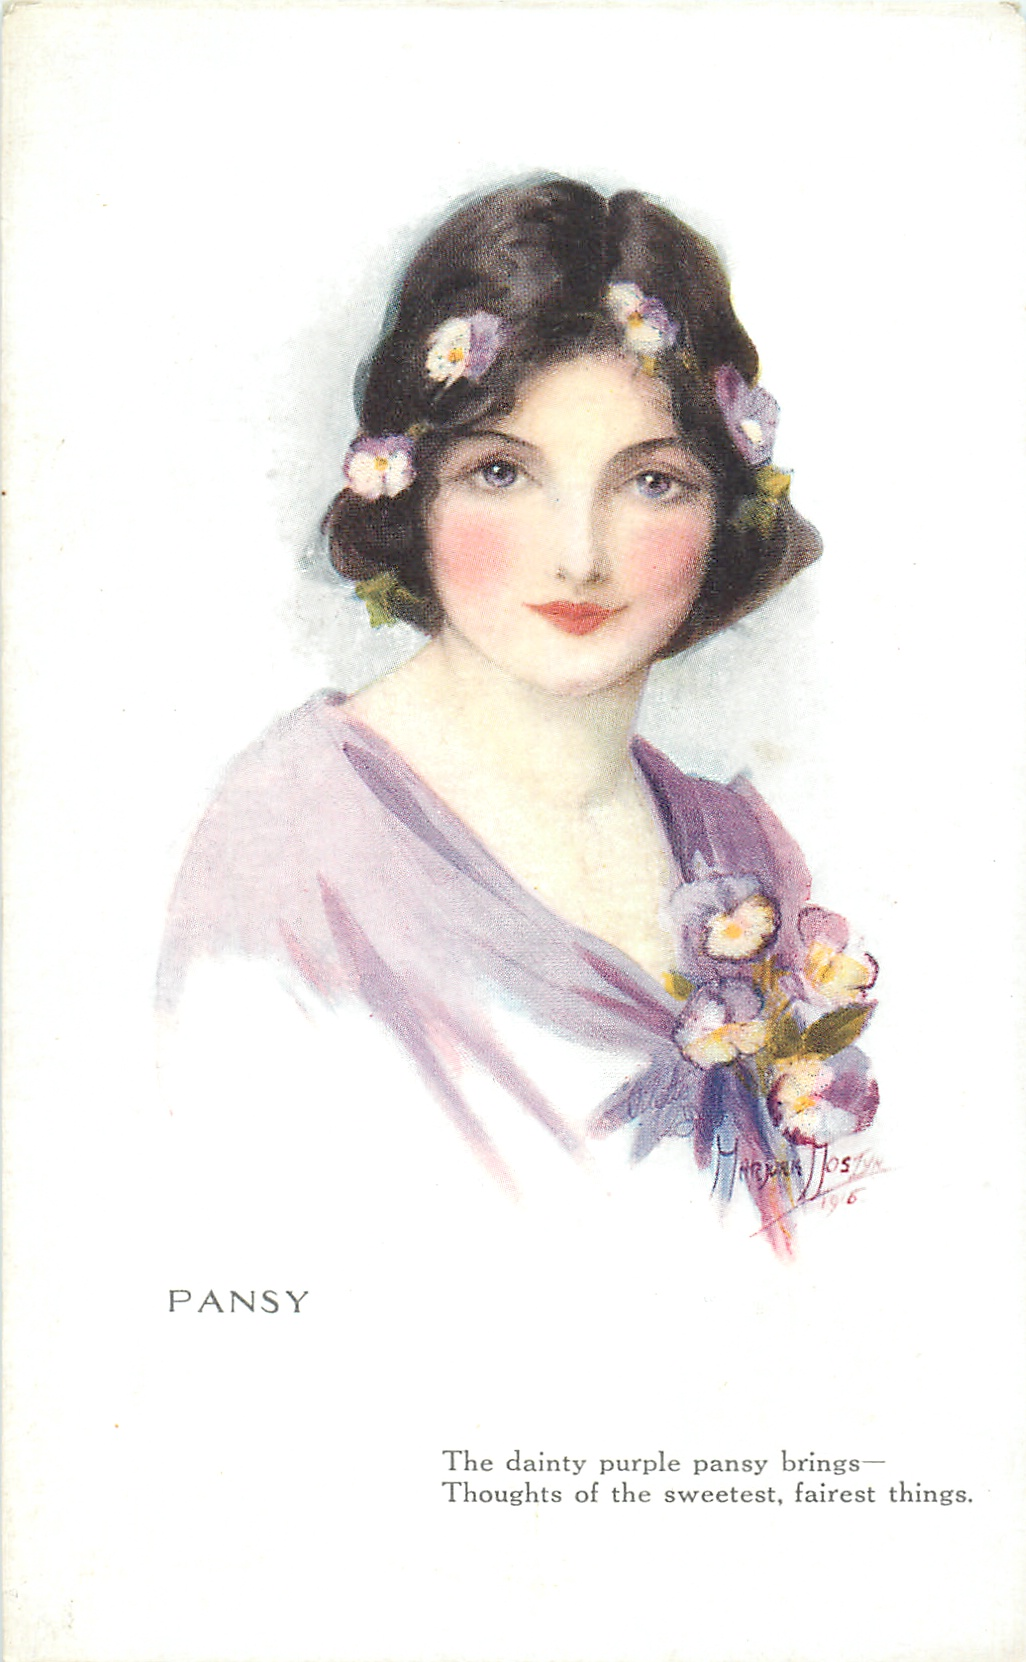 PANSY - TuckDB Postcards